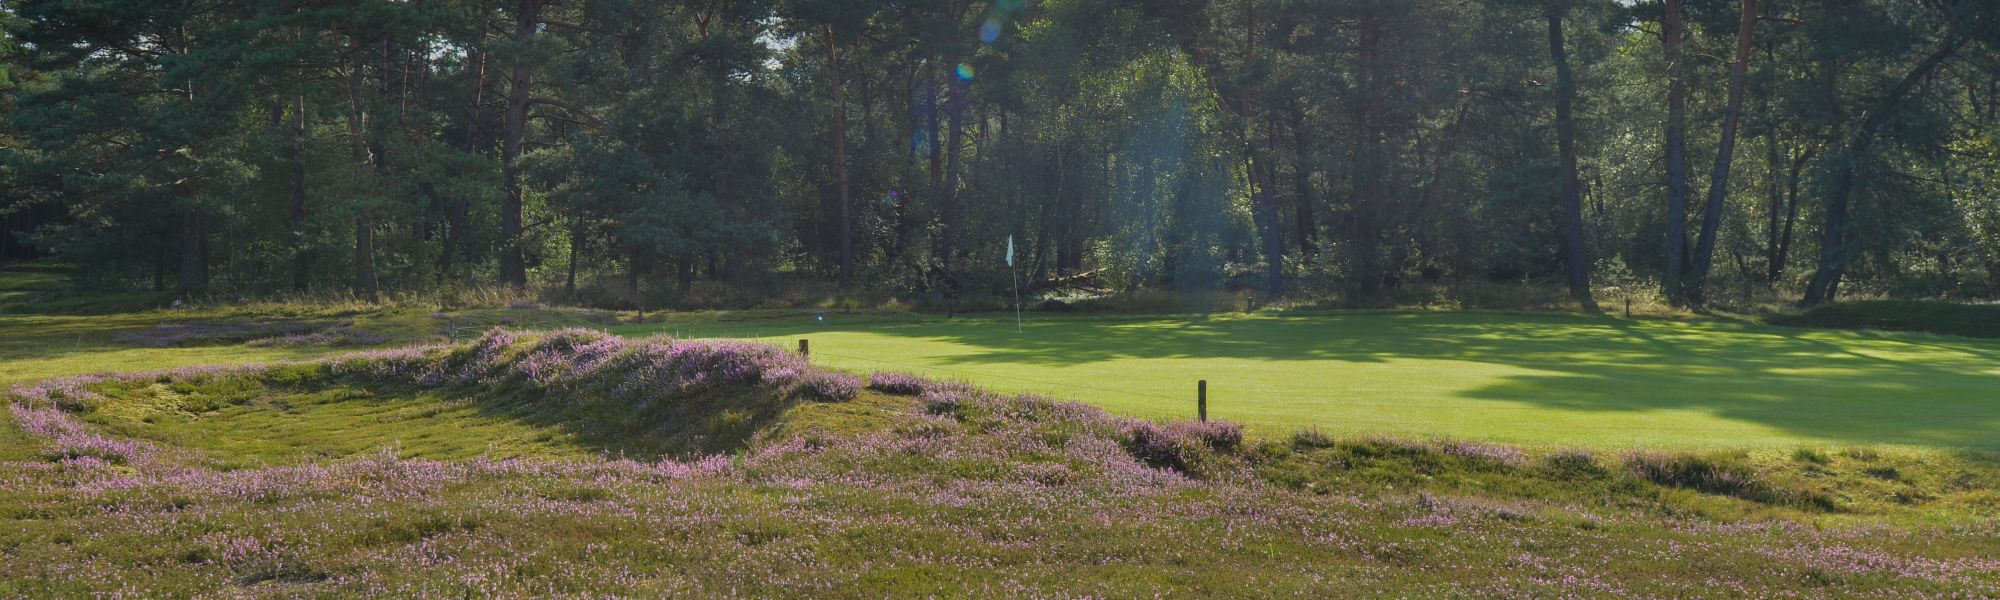 Ullerberg heide golfbaan